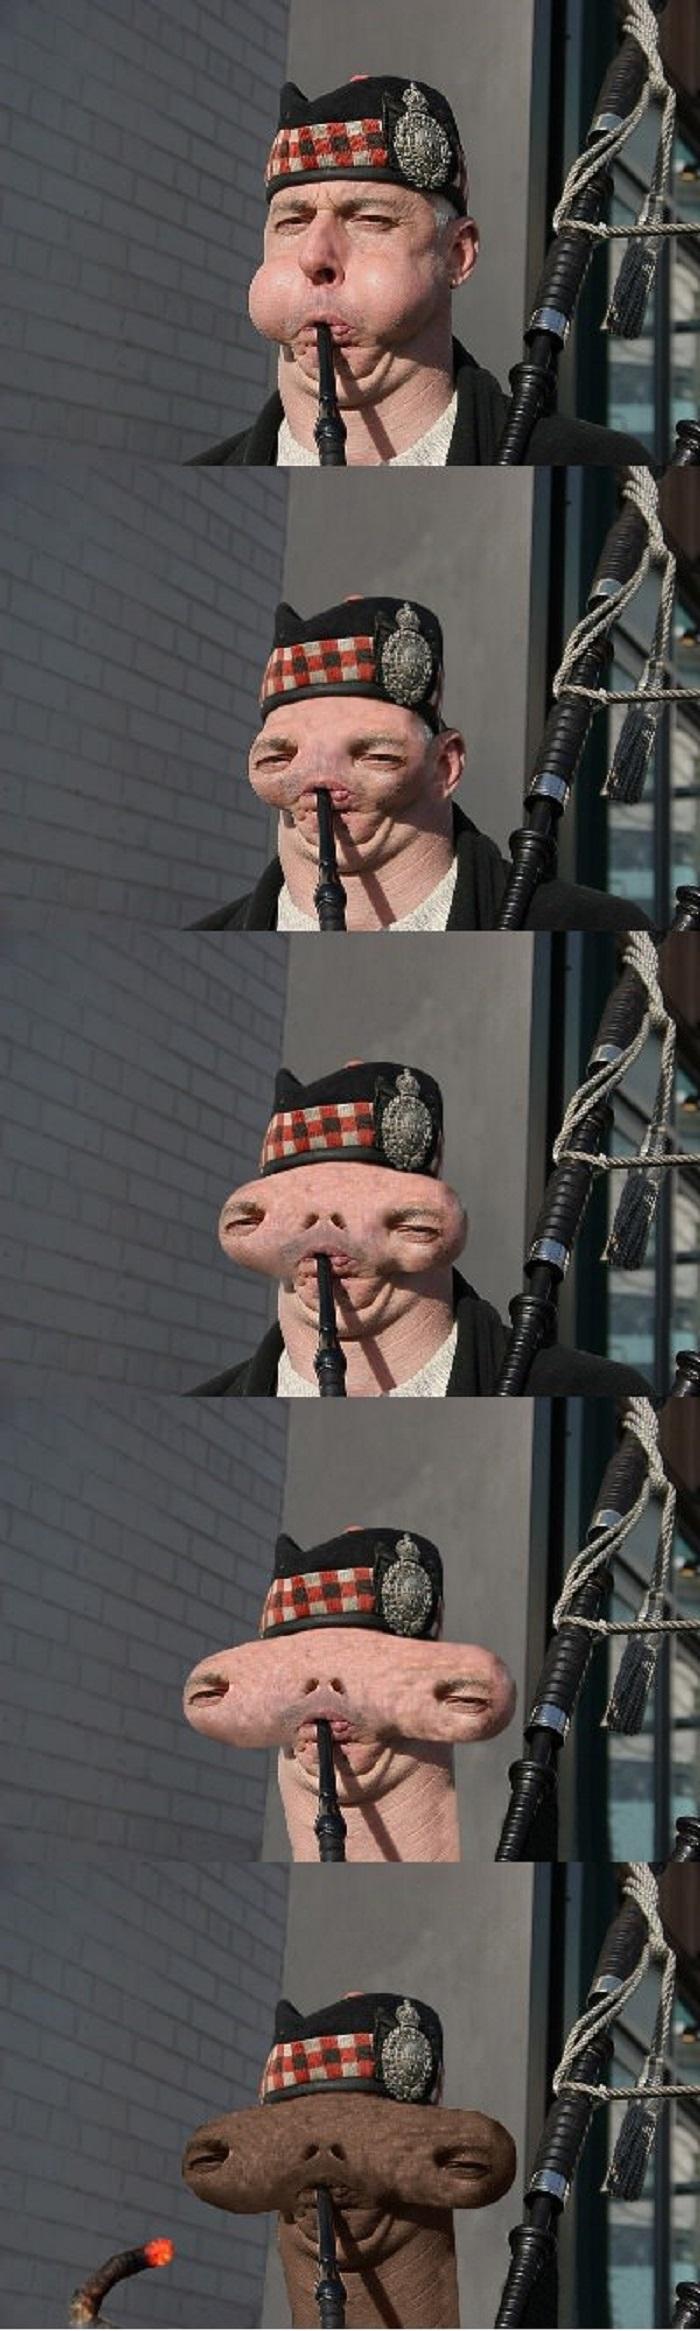 It's E.T!